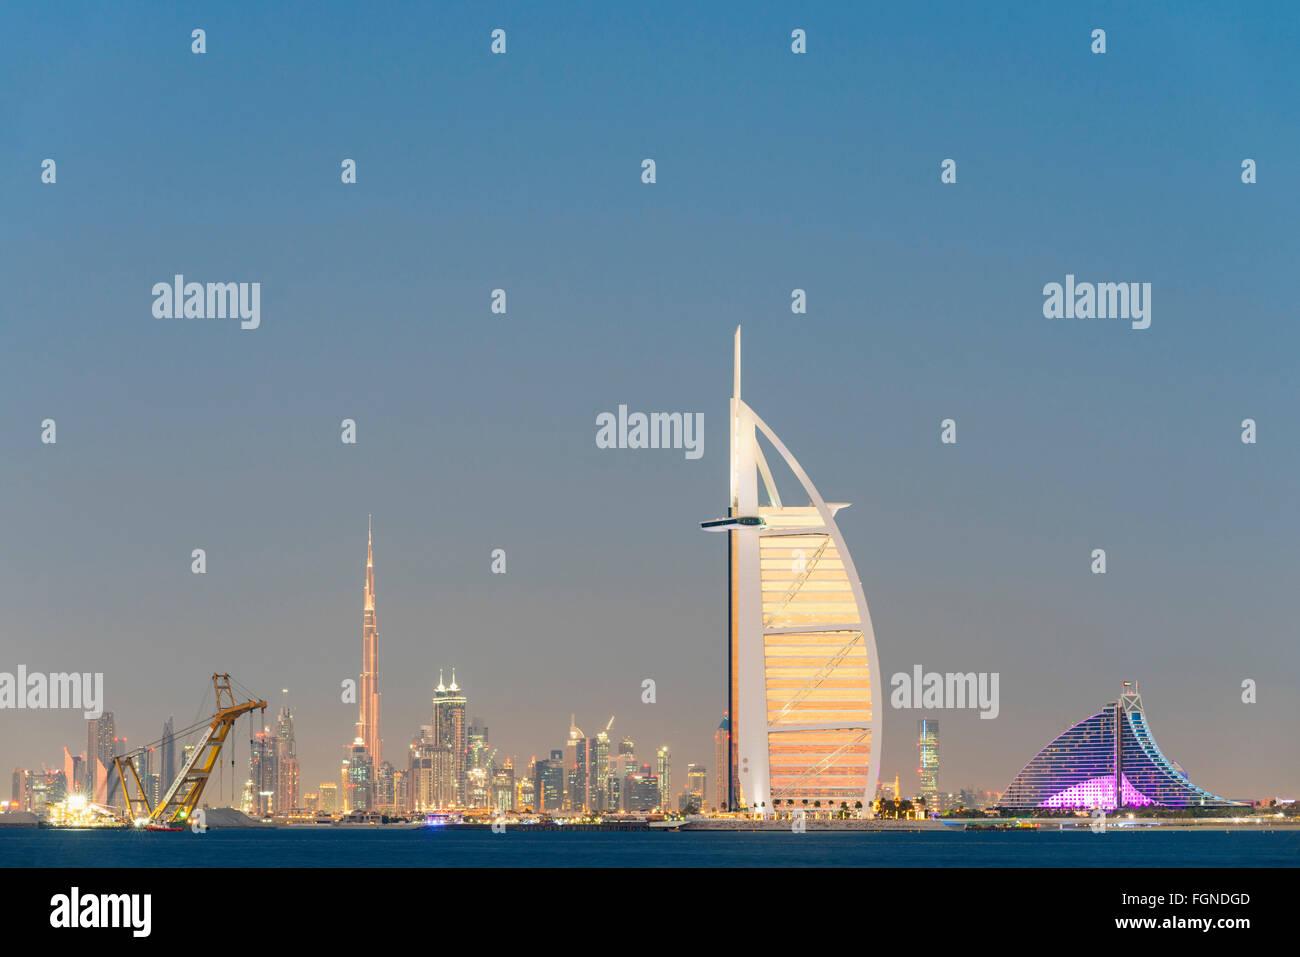 Skyline en la noche de Dubai waterfront con el Burj al Arab Hotel en Emiratos Arabes Unidos Imagen De Stock